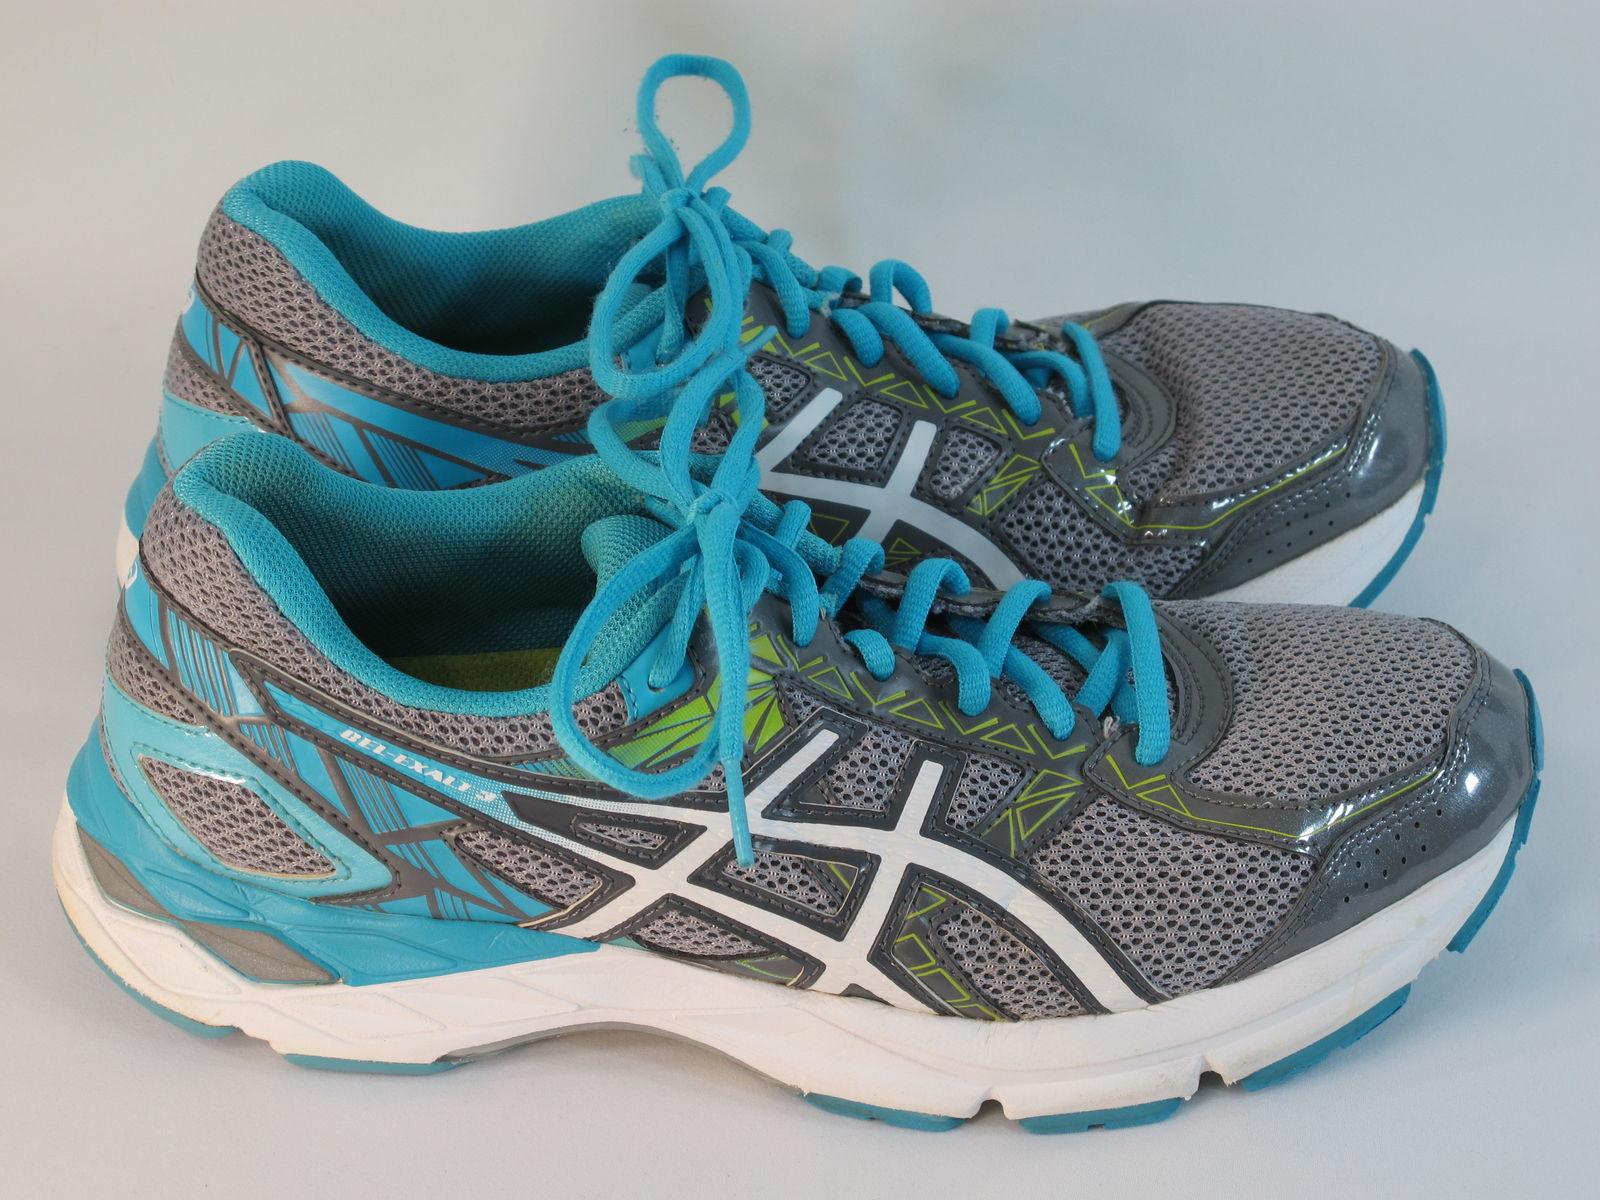 ASICS Gel Exalt 3 Running Shoes Women's Size 9 US Near Mint Condition - $47.18